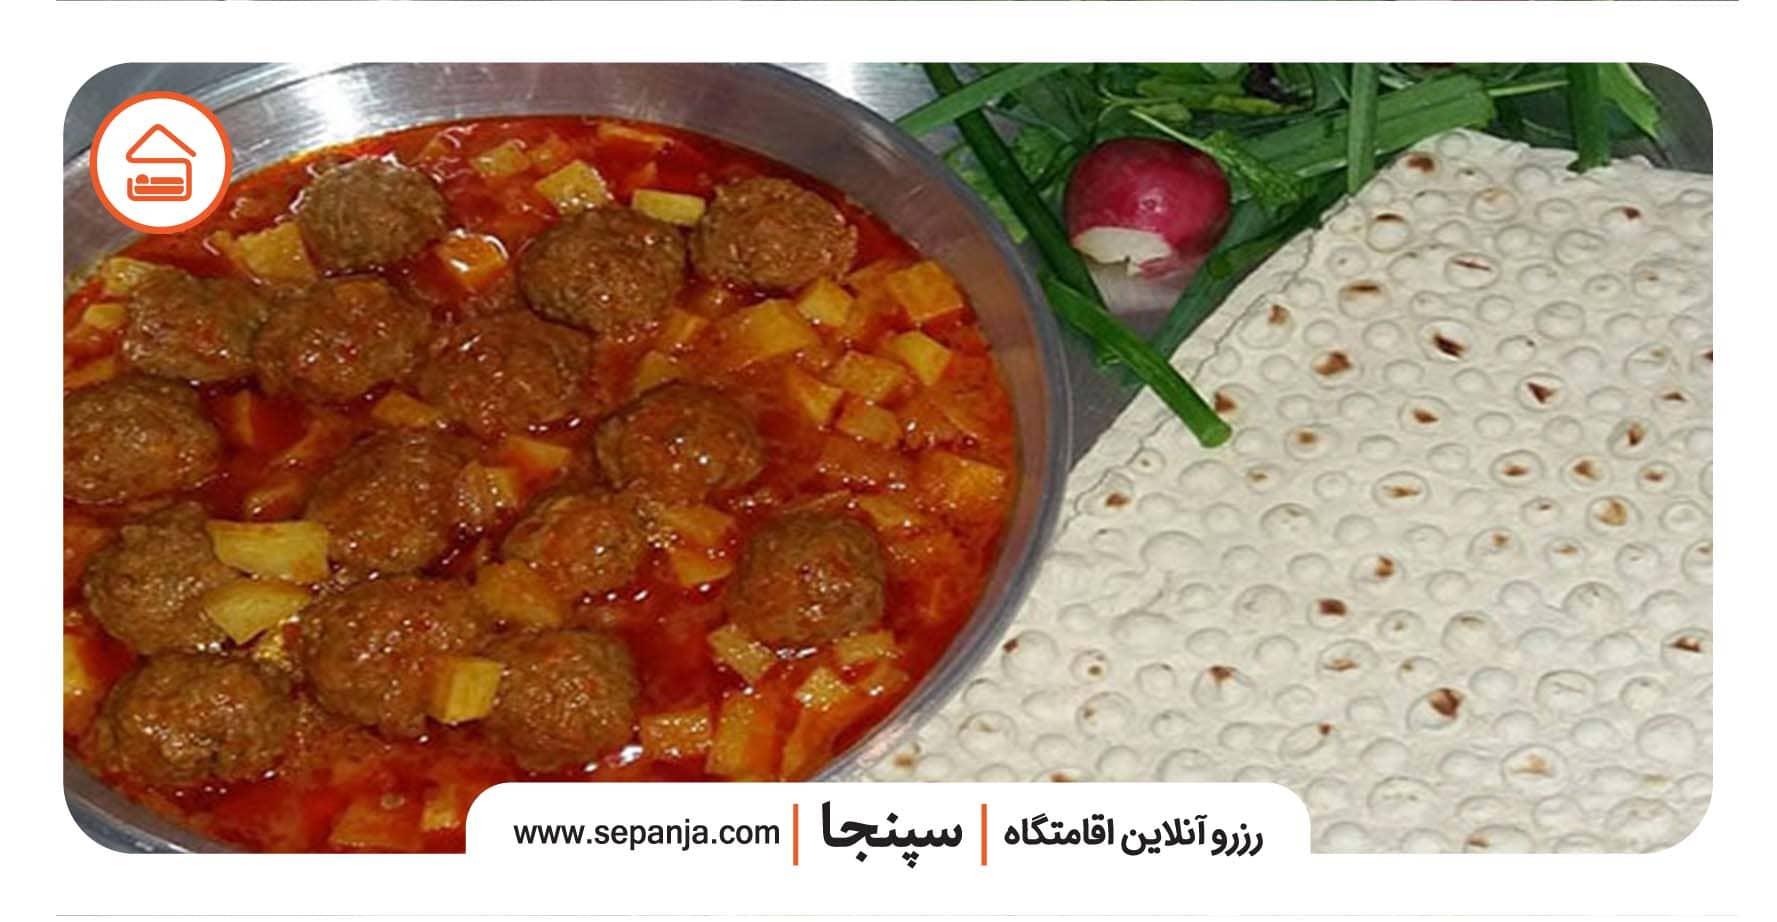 غذای کله گنجشکی تهران